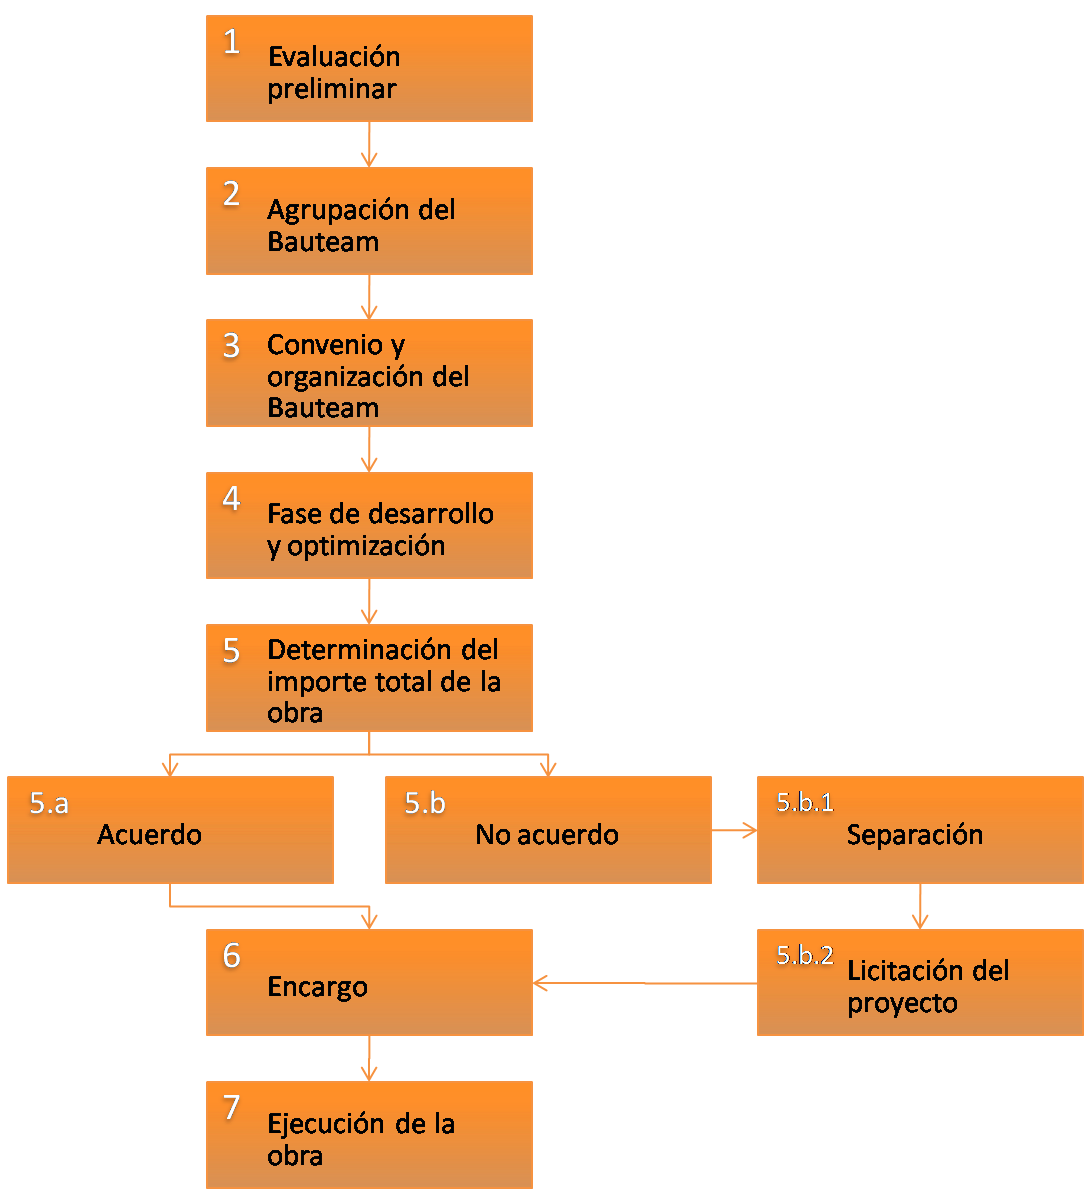 bauteam-construcción-esquema-fases-modelo-neerlandés-países-bajos